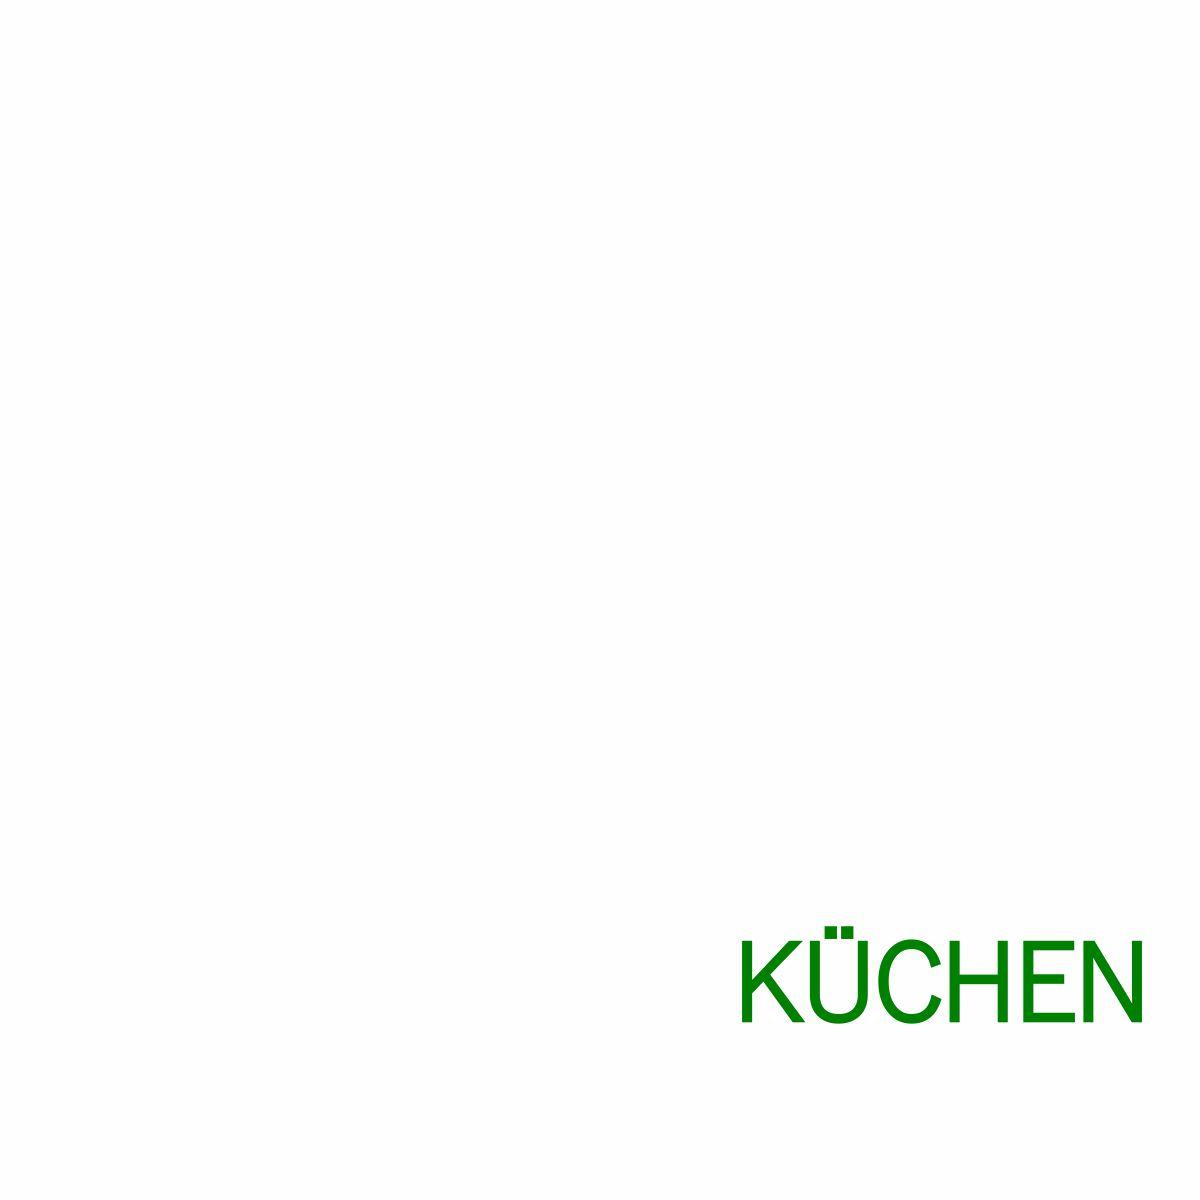 Grafik Branche Küchen